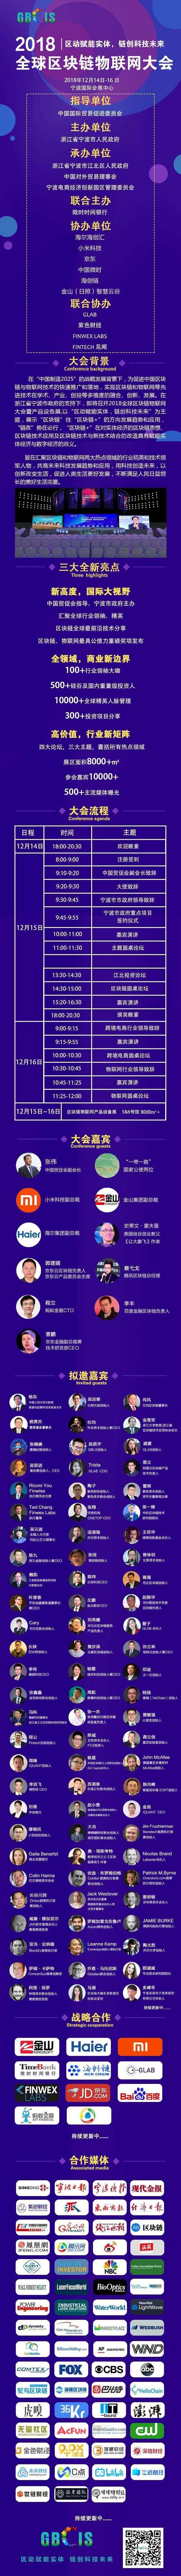 公司招商长图20180911.jpg